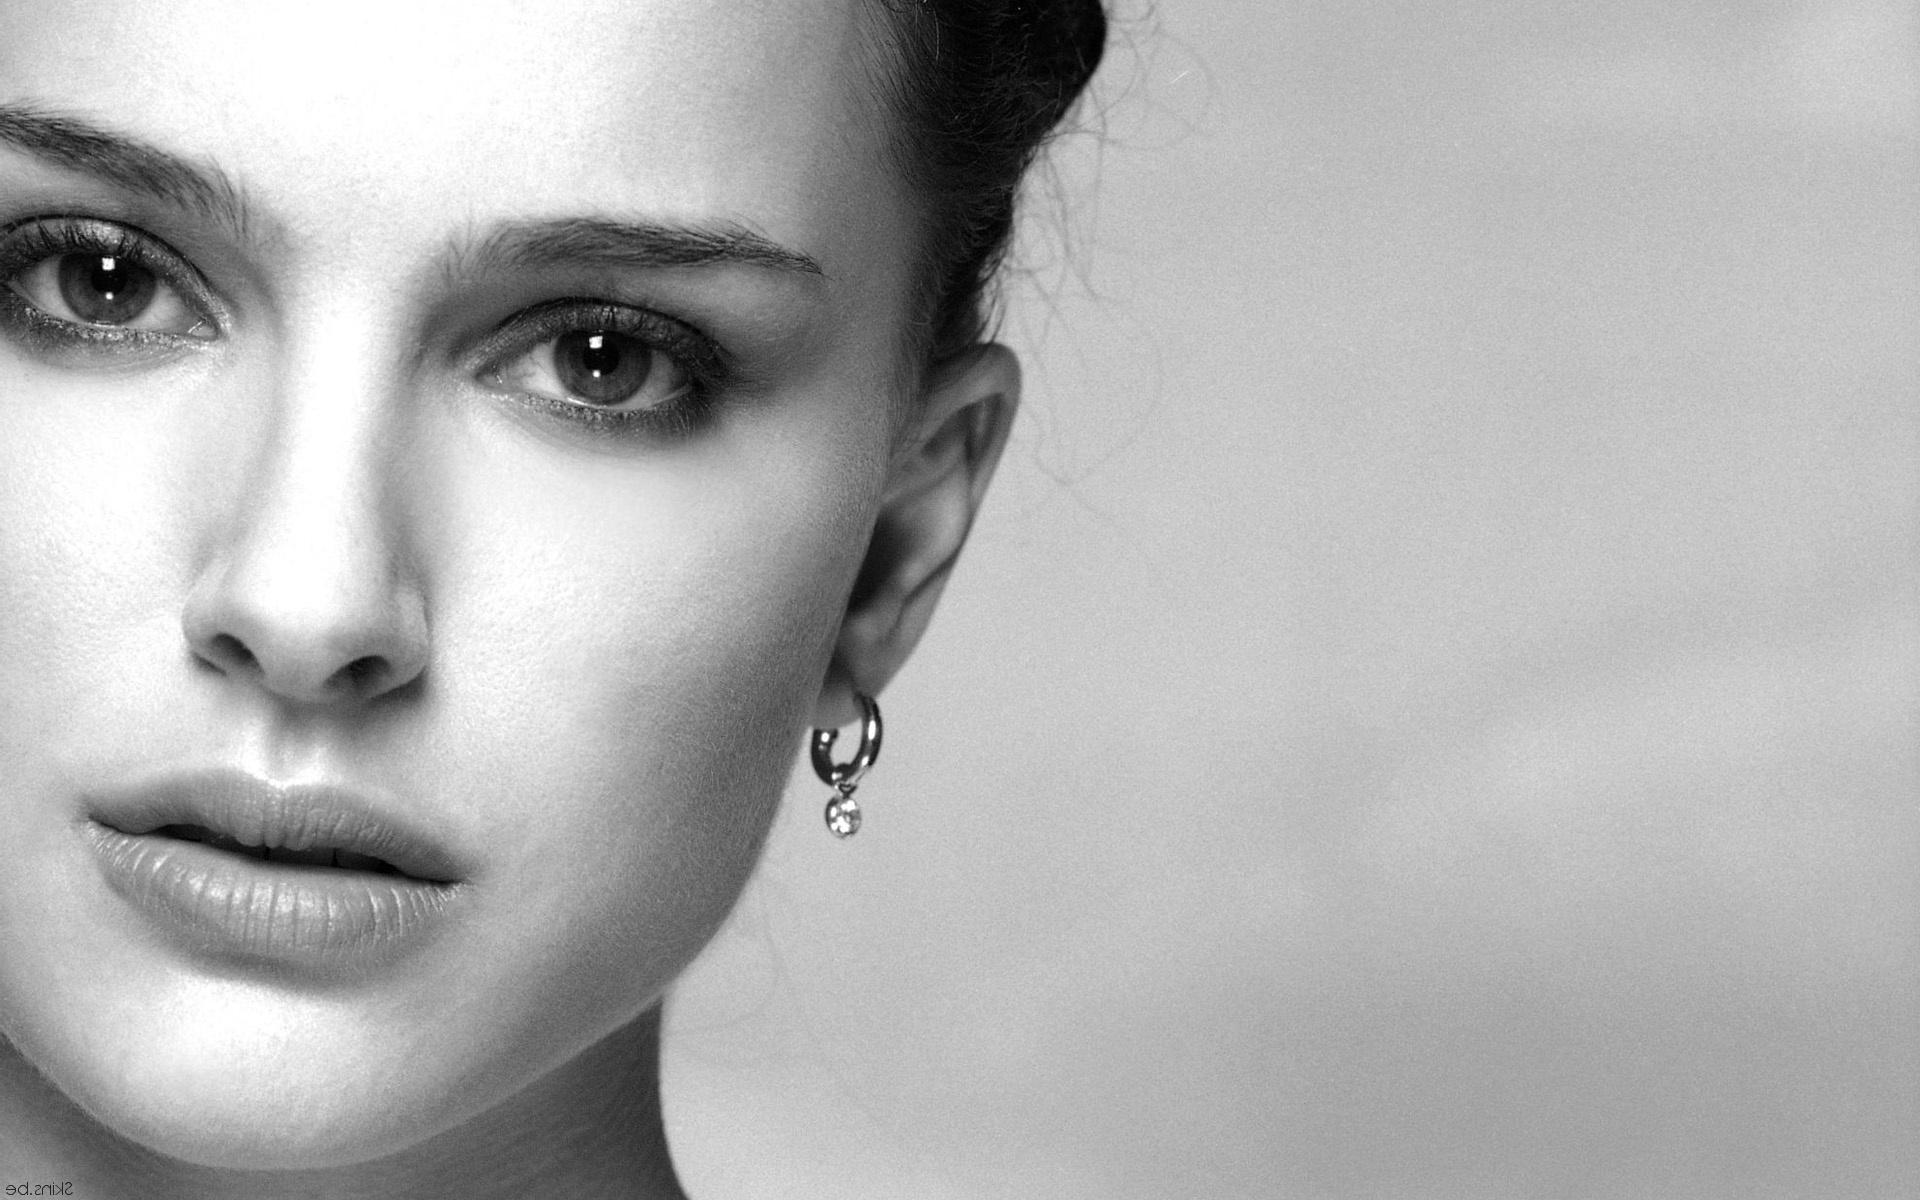 Как сделать выразительные глаза в чб фотографии